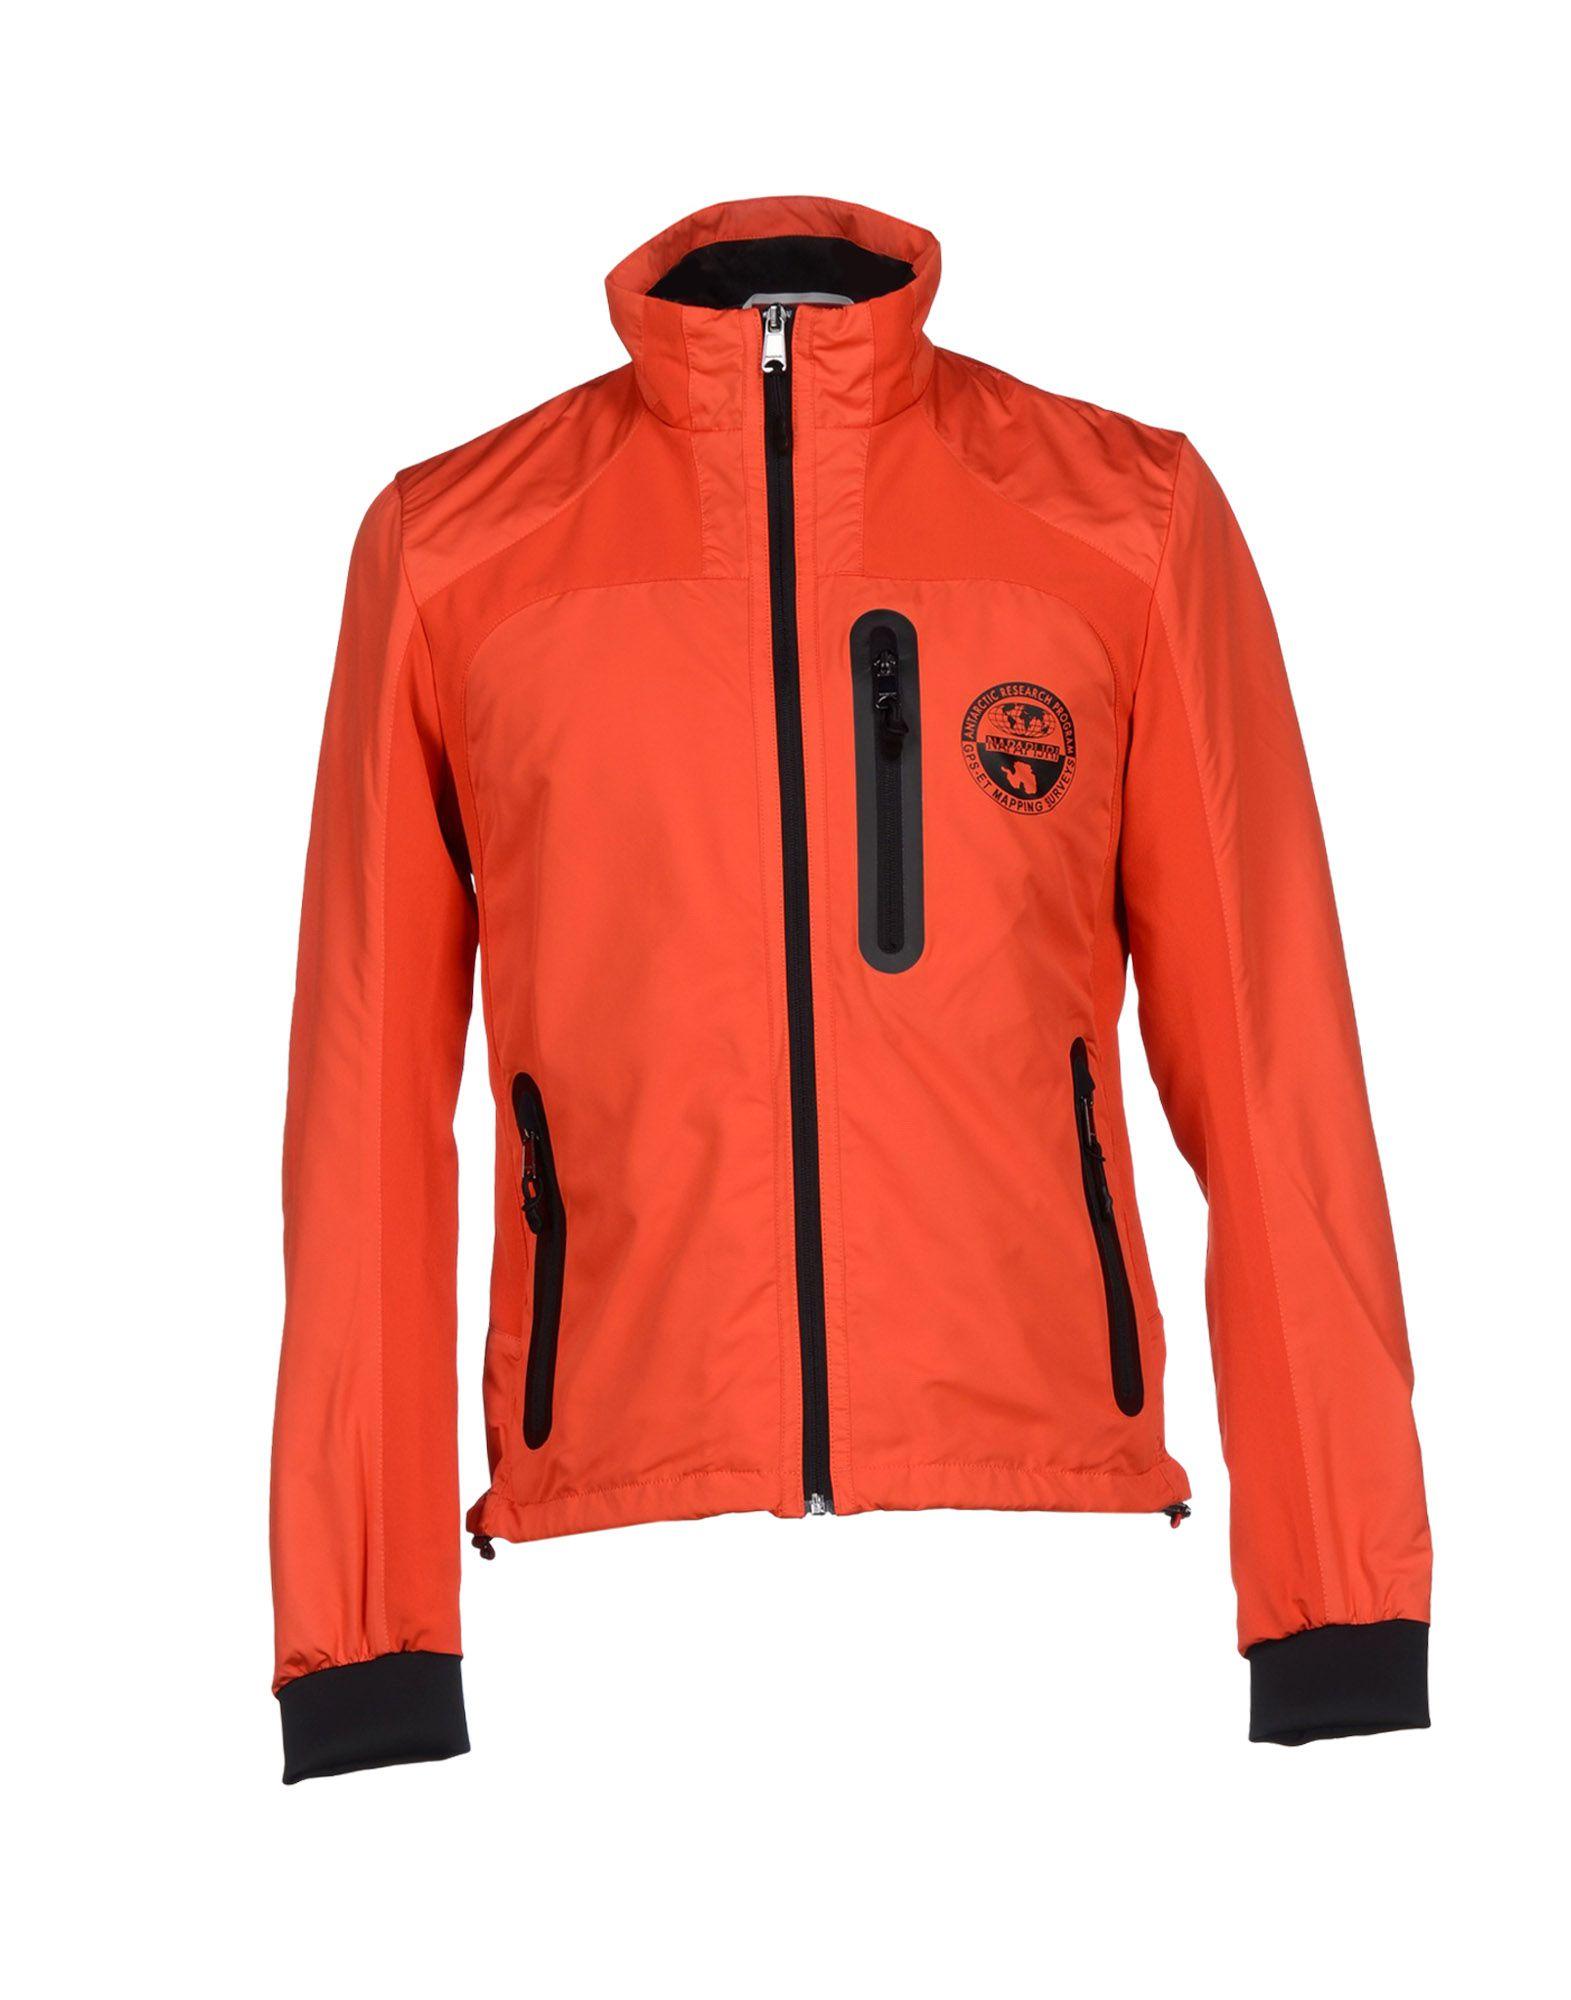 Napapijri Jacket In Red For Men Lyst